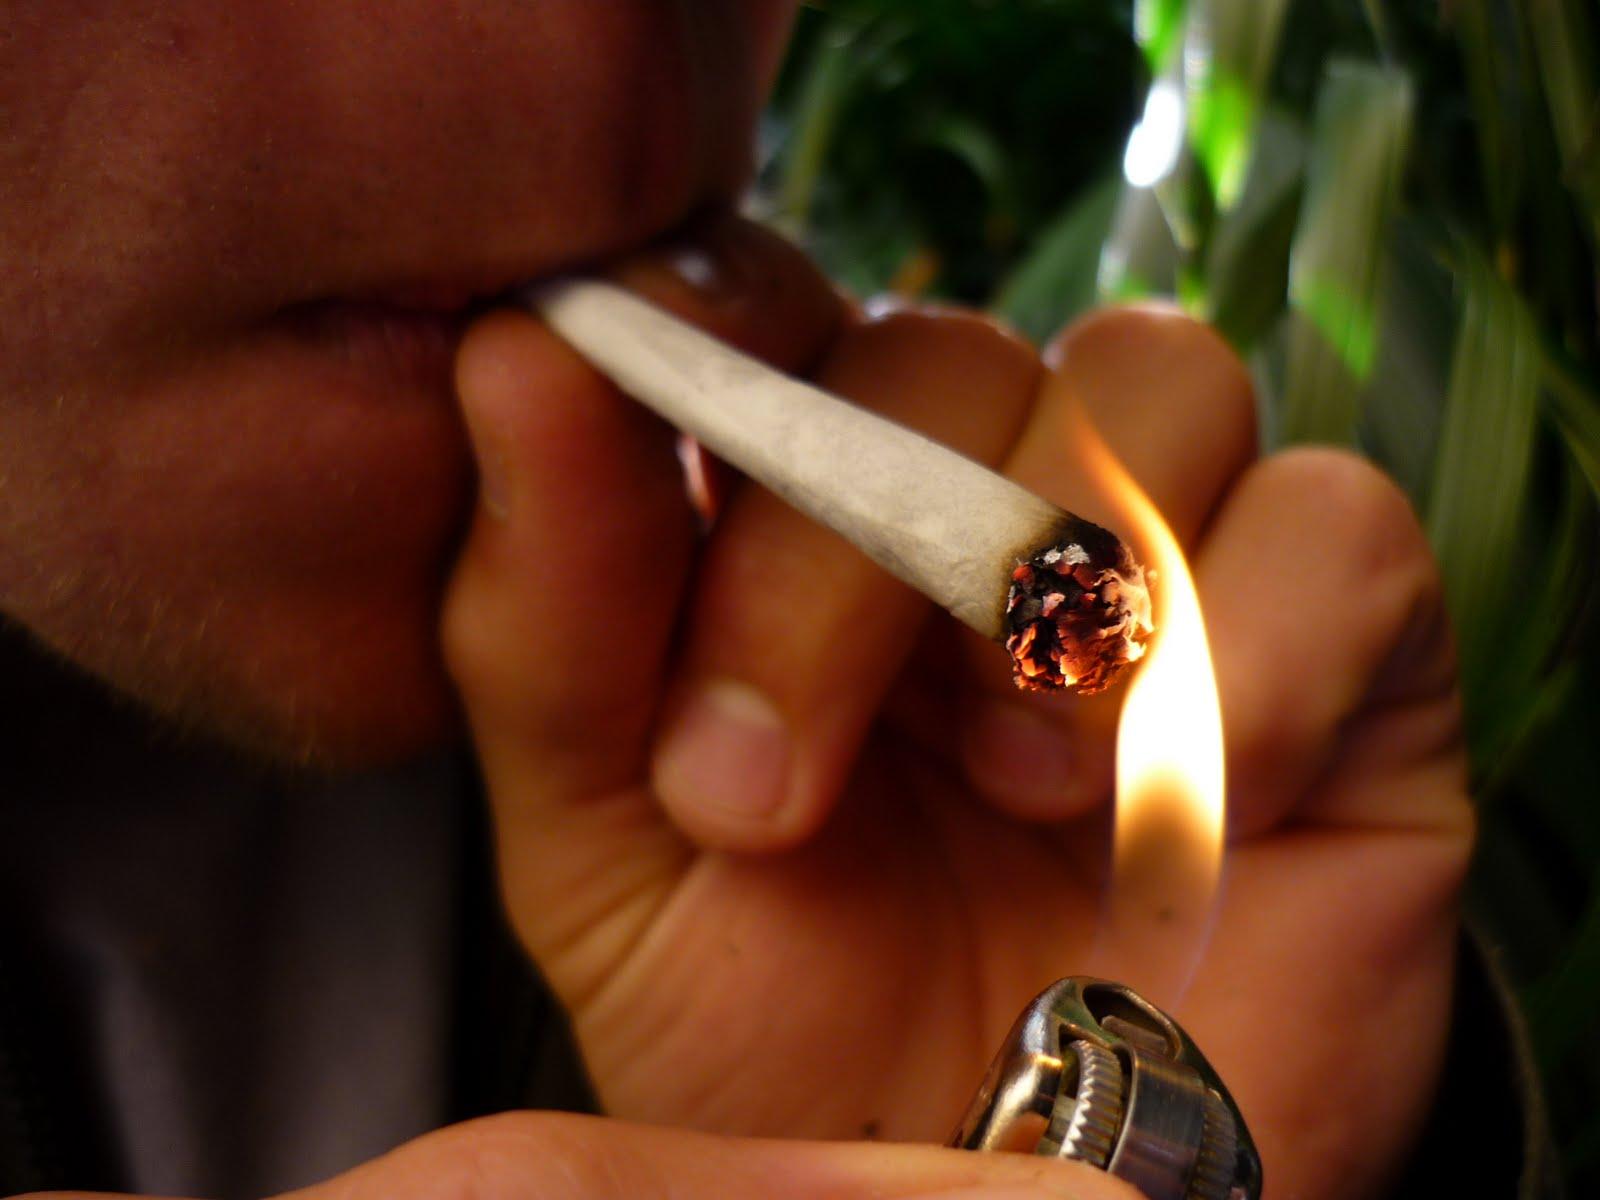 Quero deixar de fumar uma grama